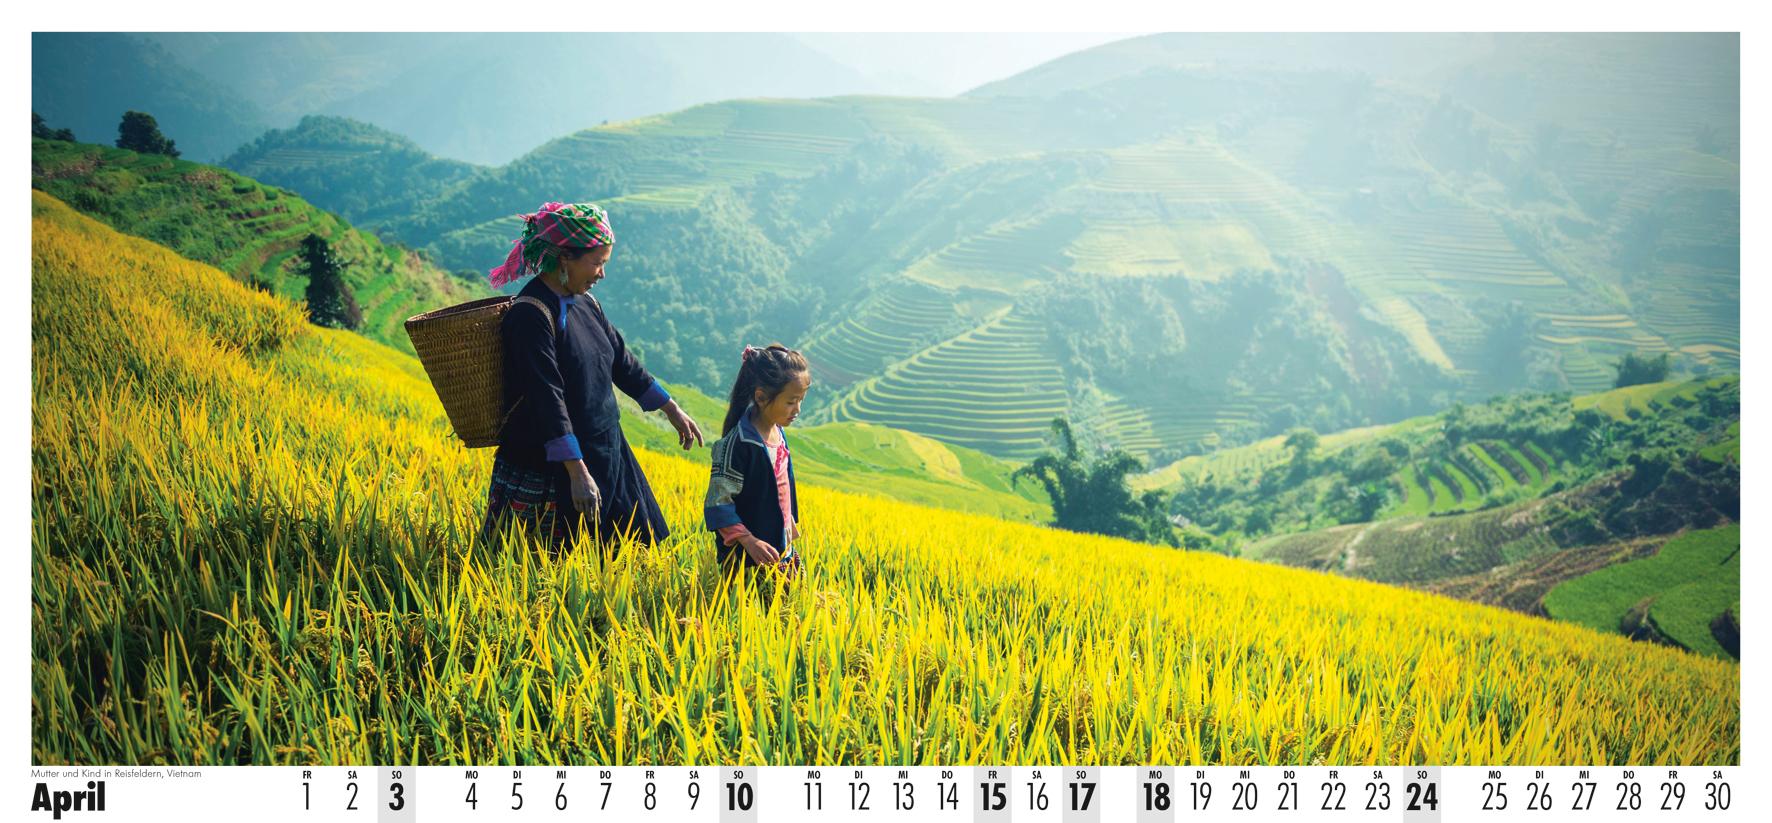 Fotowandkalender Brot für die Welt 2022